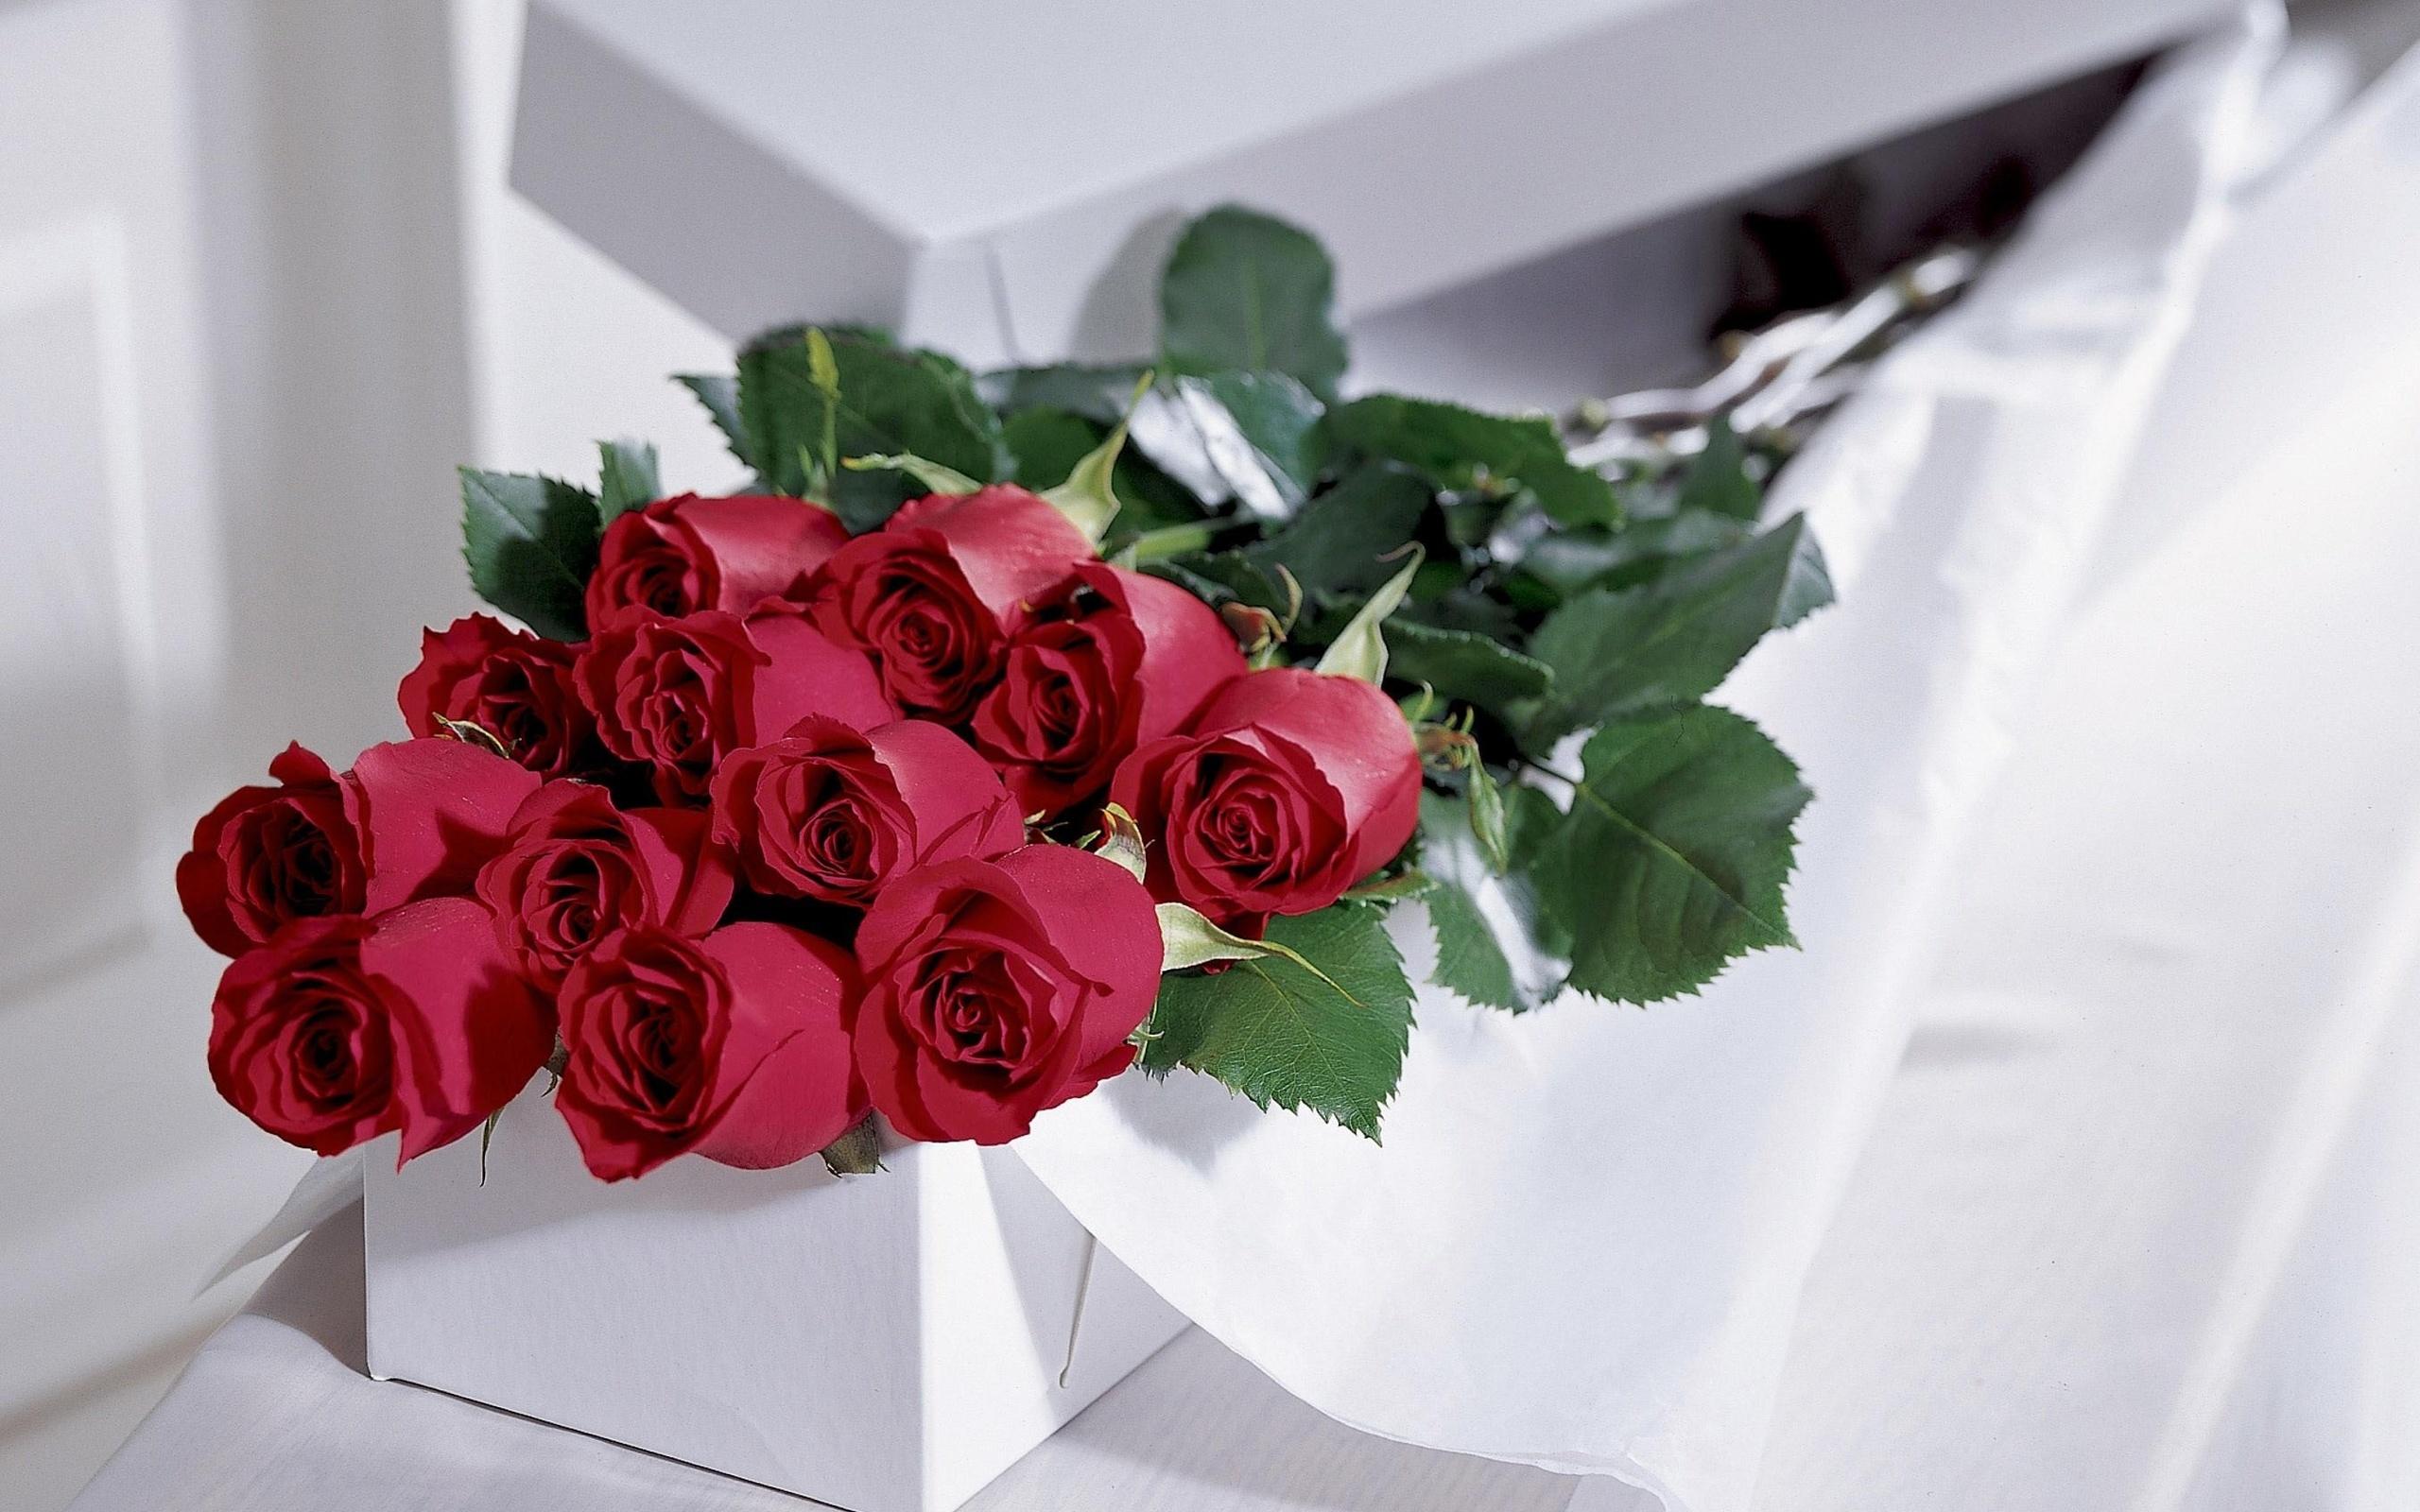 Фото с розами и надписью шикарной женщине, для